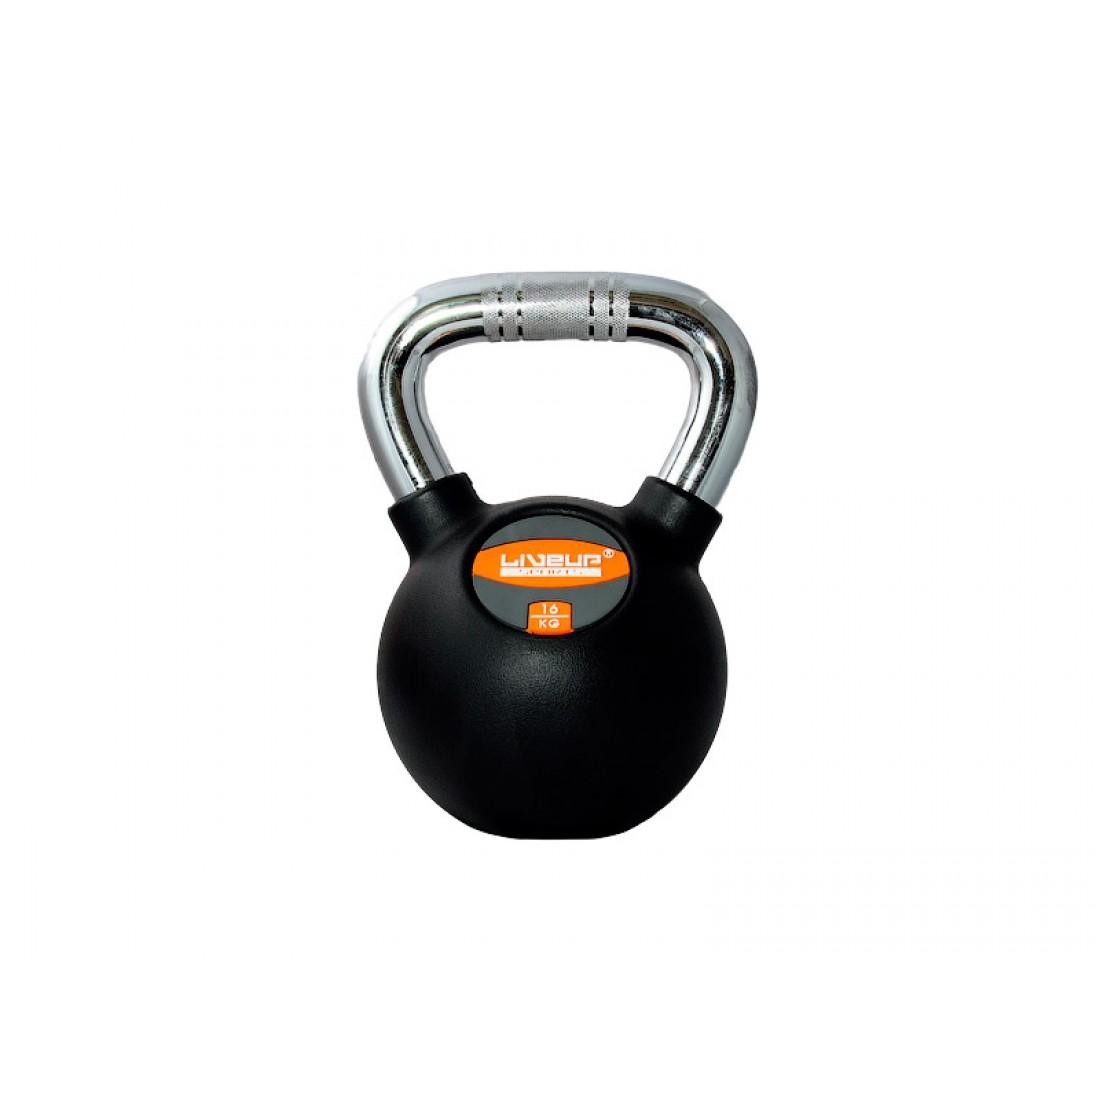 Гири: Гиря в резиновой оболочке LiveUp 16 кг